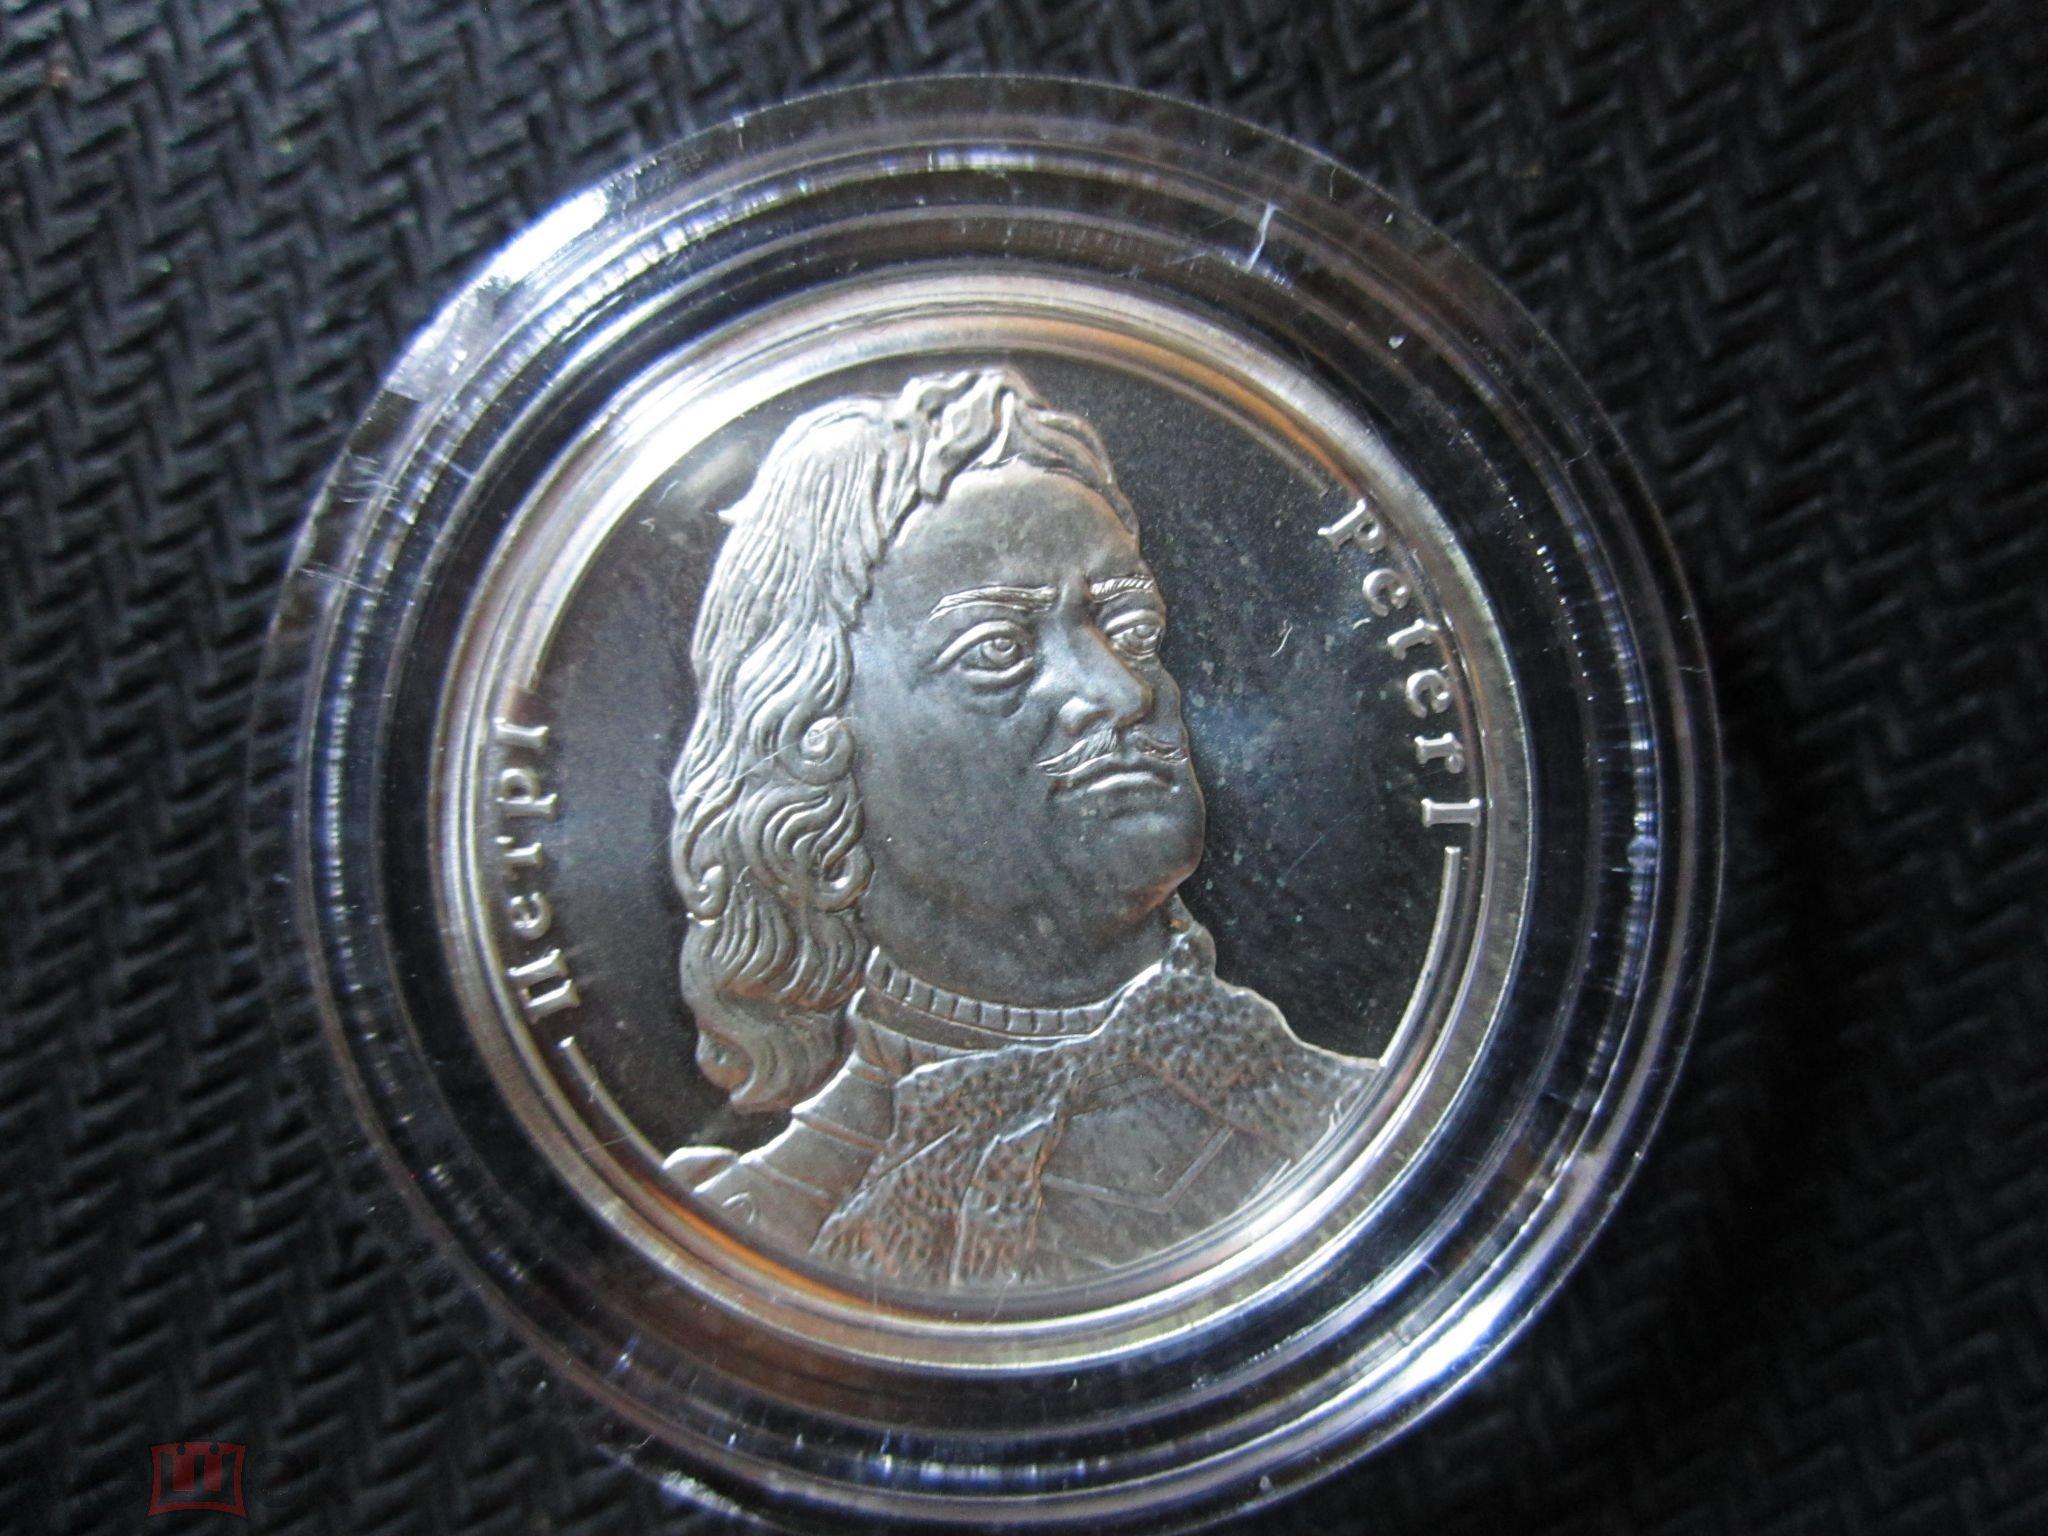 Императорский монетный двор коллекция медалей правители россии союз железа с никелем